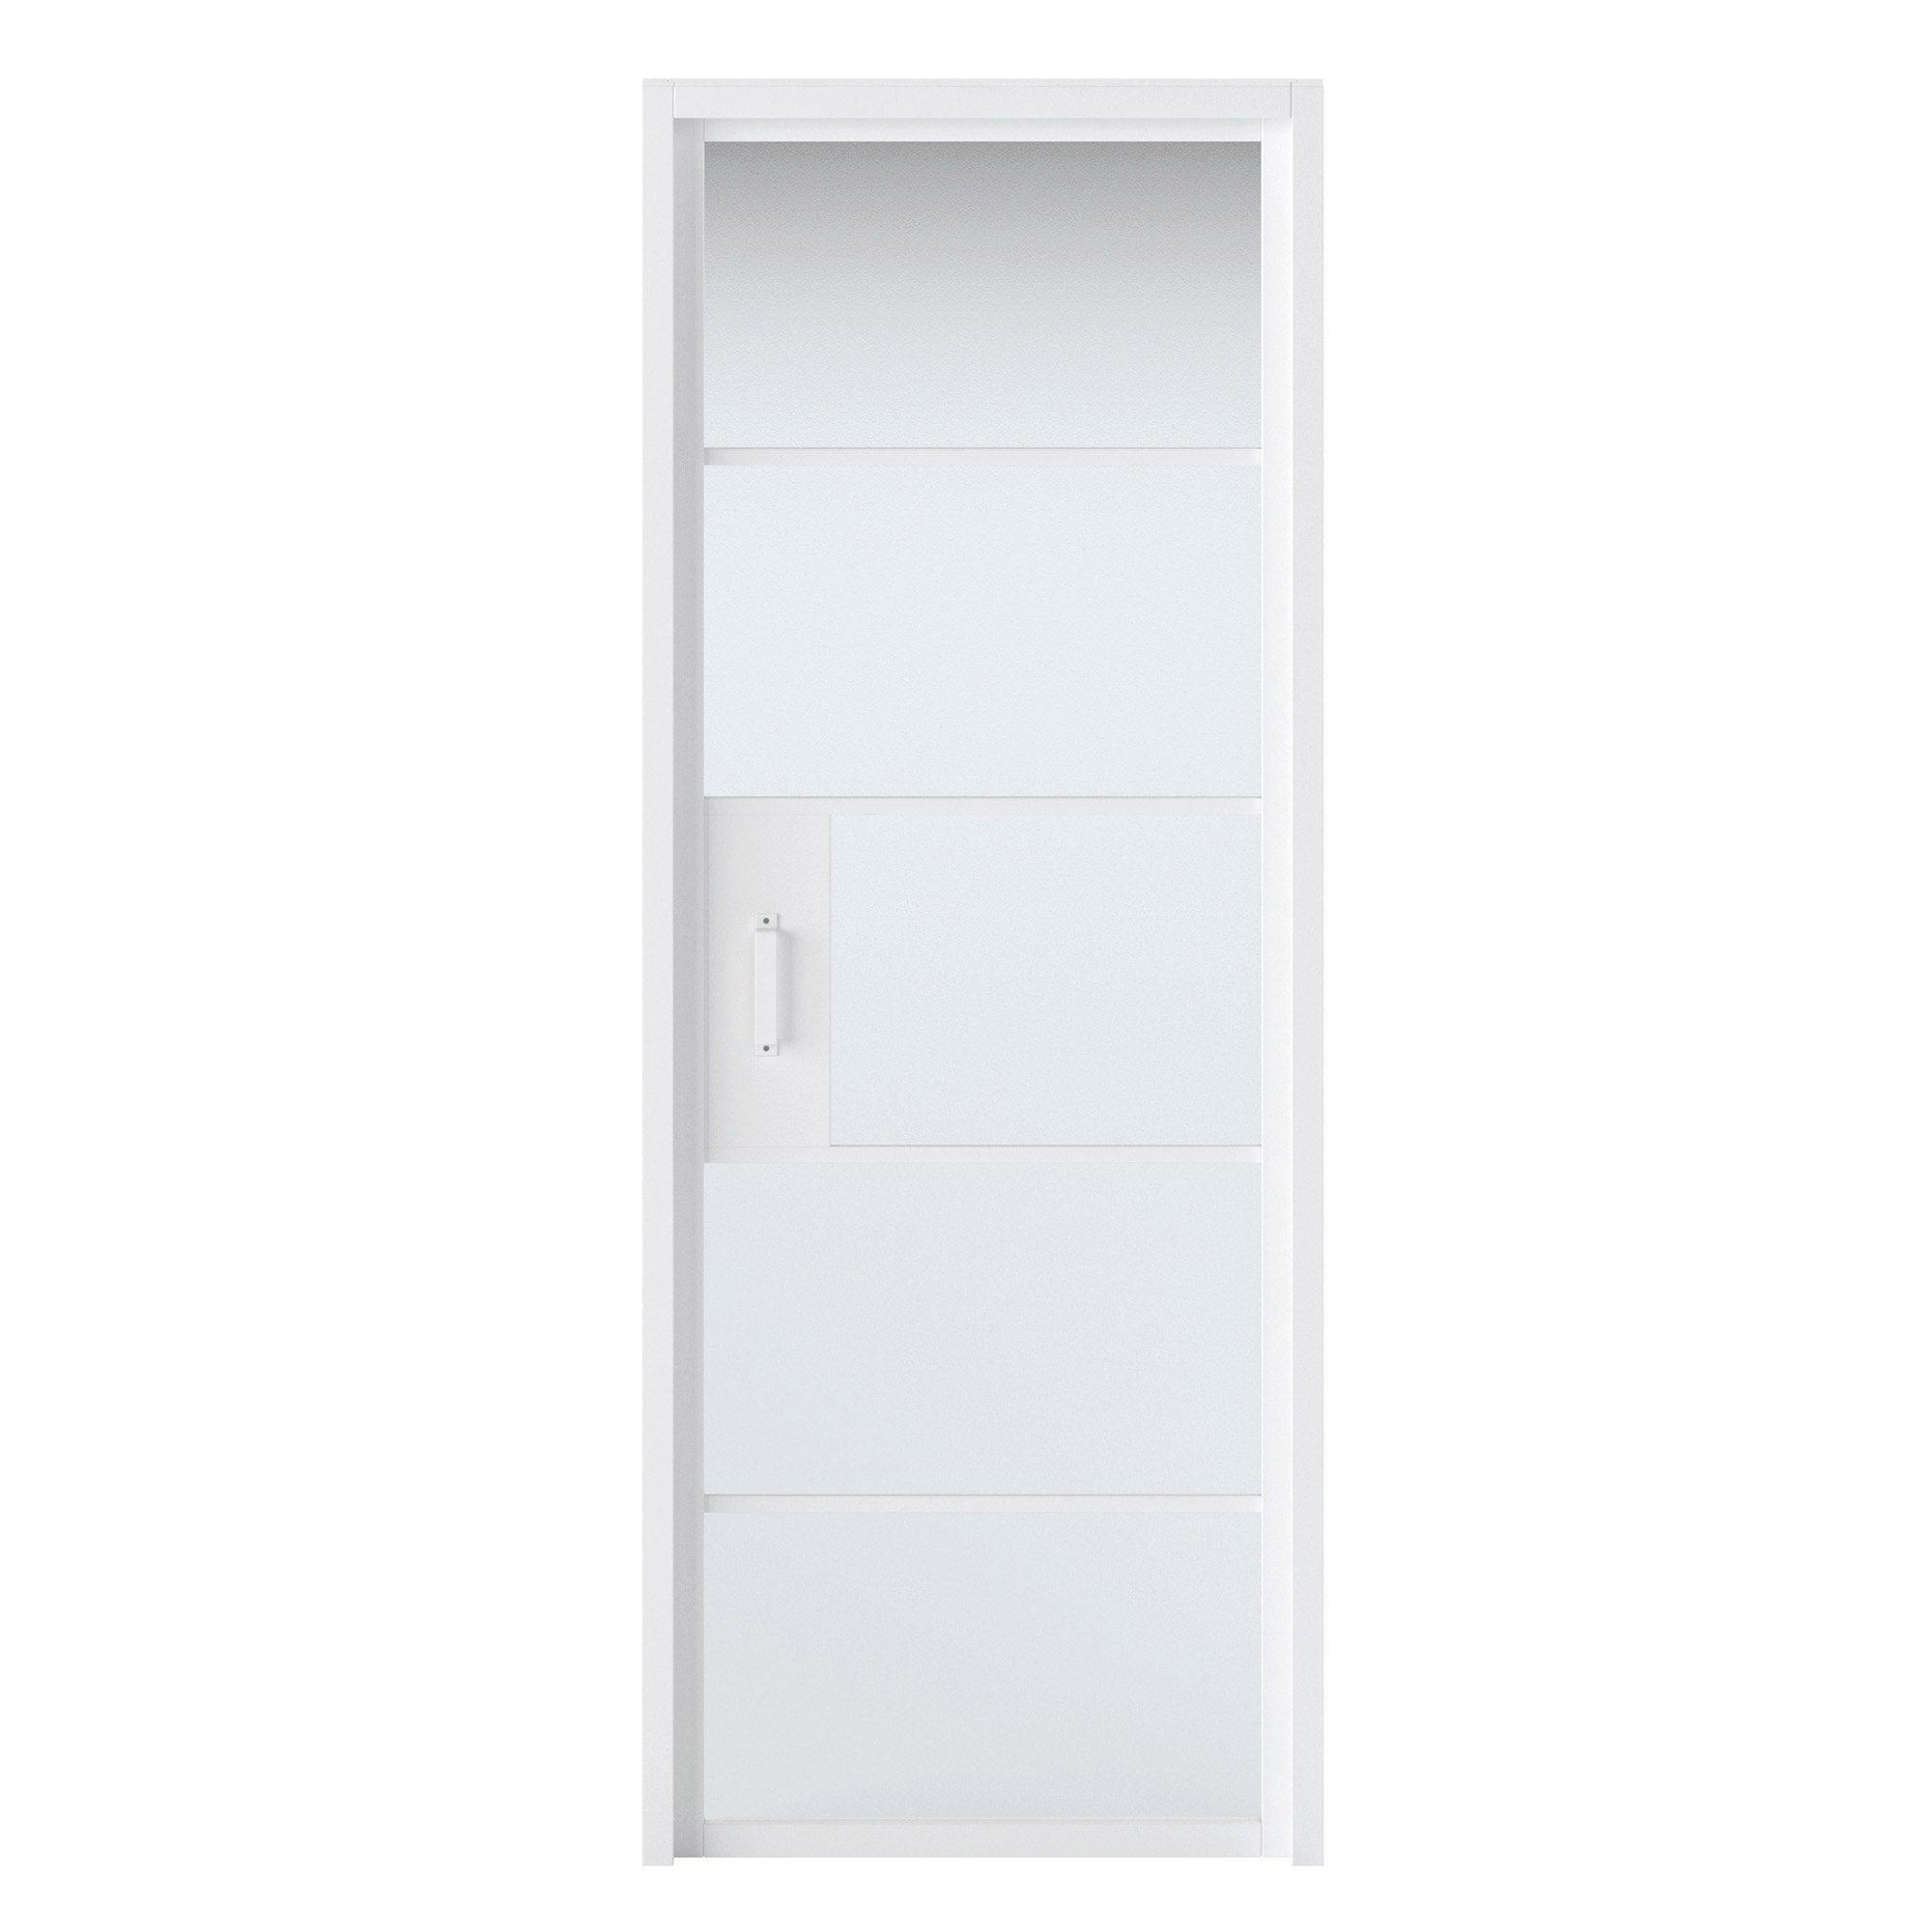 Bloc-porte blanc vitré Chloé, blanc H.204 x l.73 cm, poussant droit